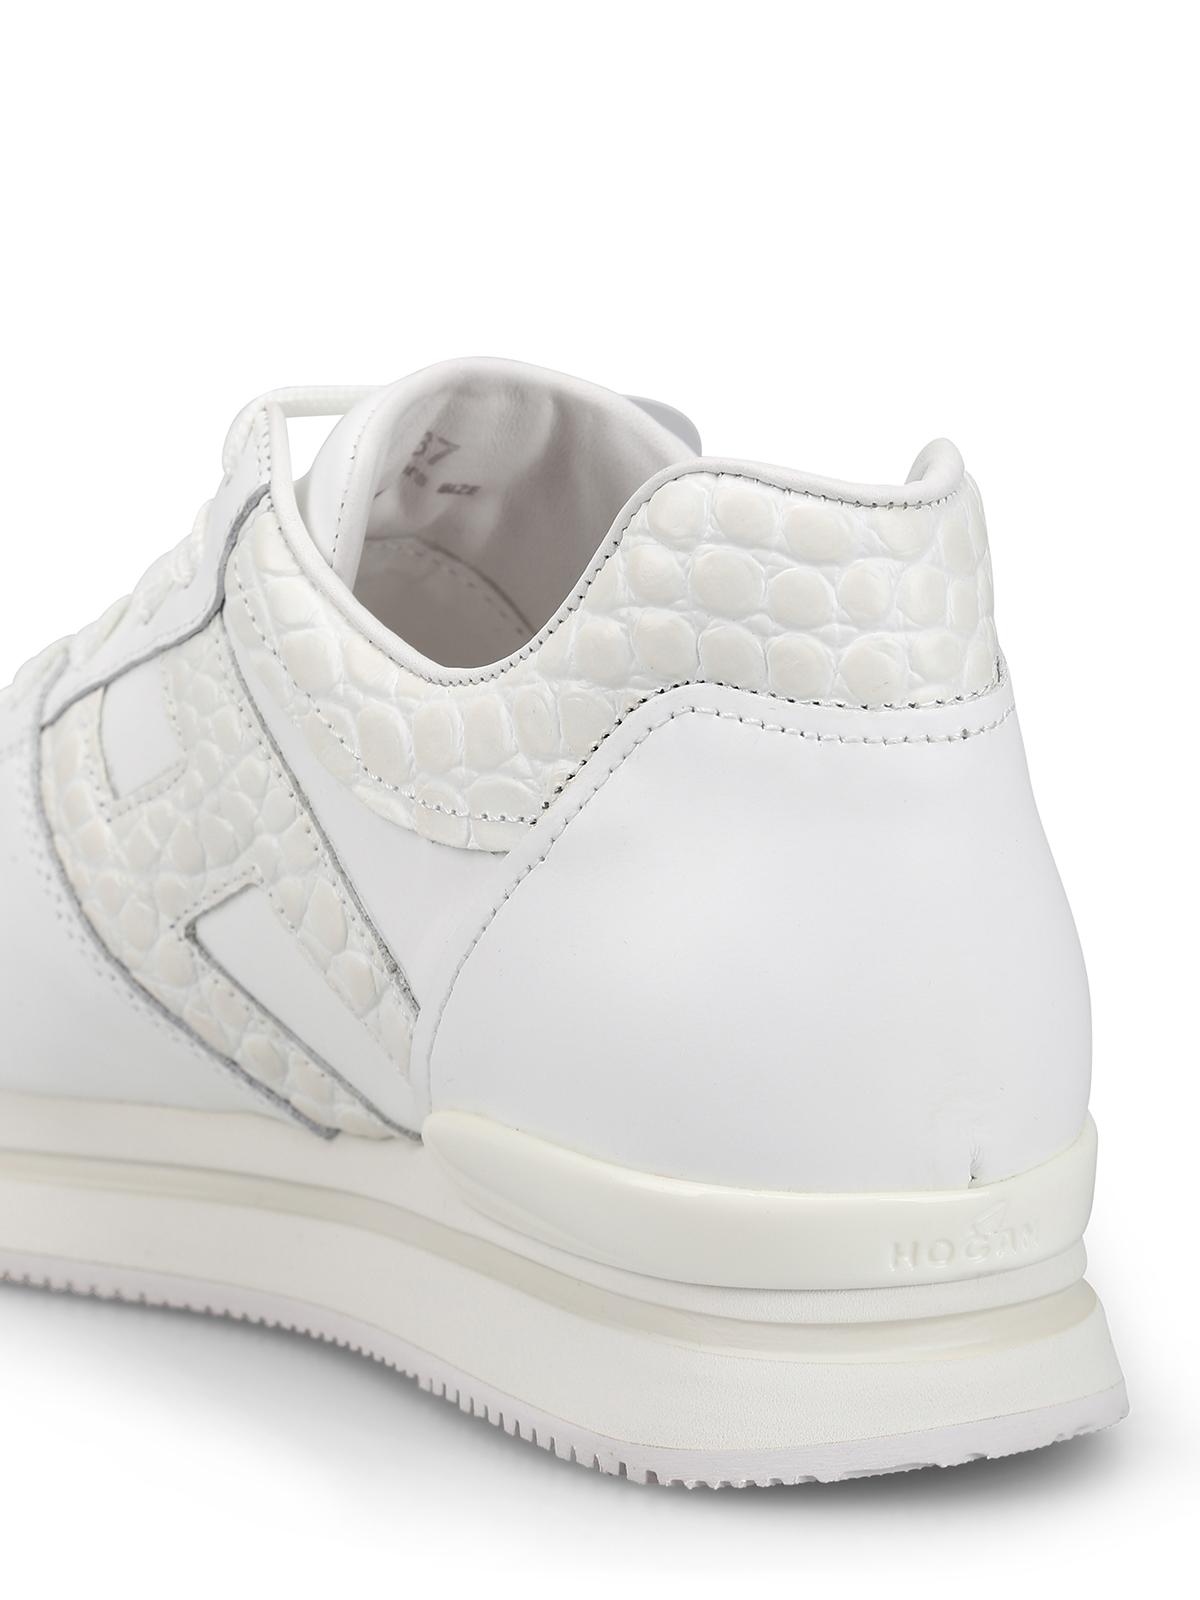 Hogan - Sneaker H222 bianche in pelle - sneakers - HXW2220T548KGKB001 41369fd237b